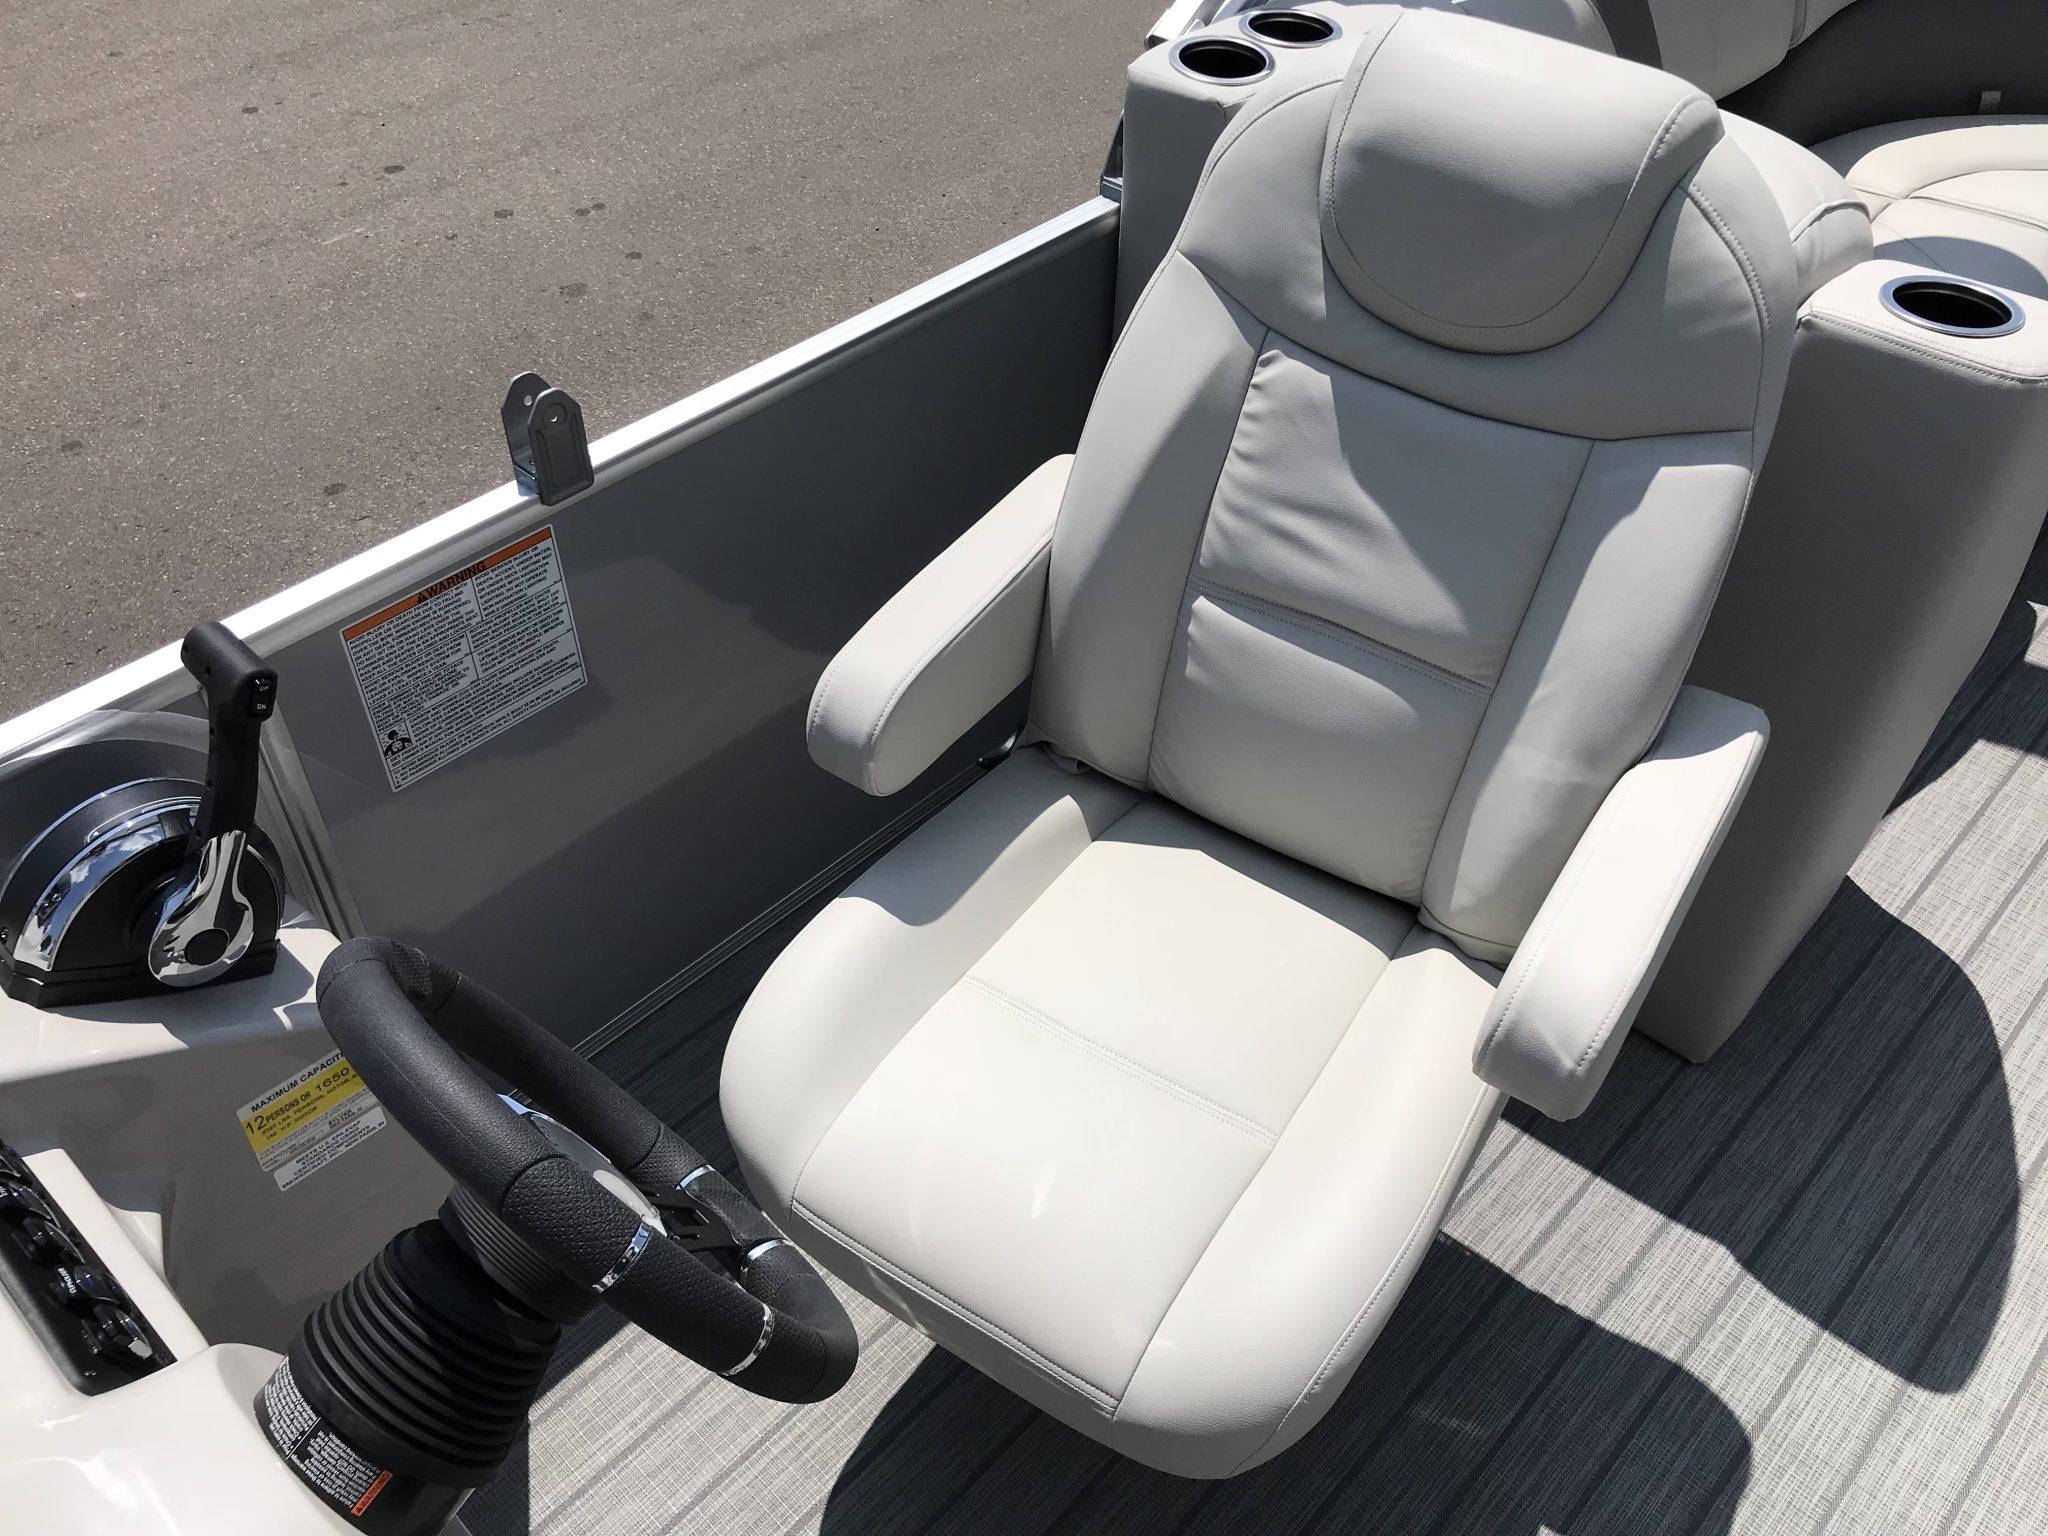 2019 Sylvan 8522 LZ LES High Back Captains Chair